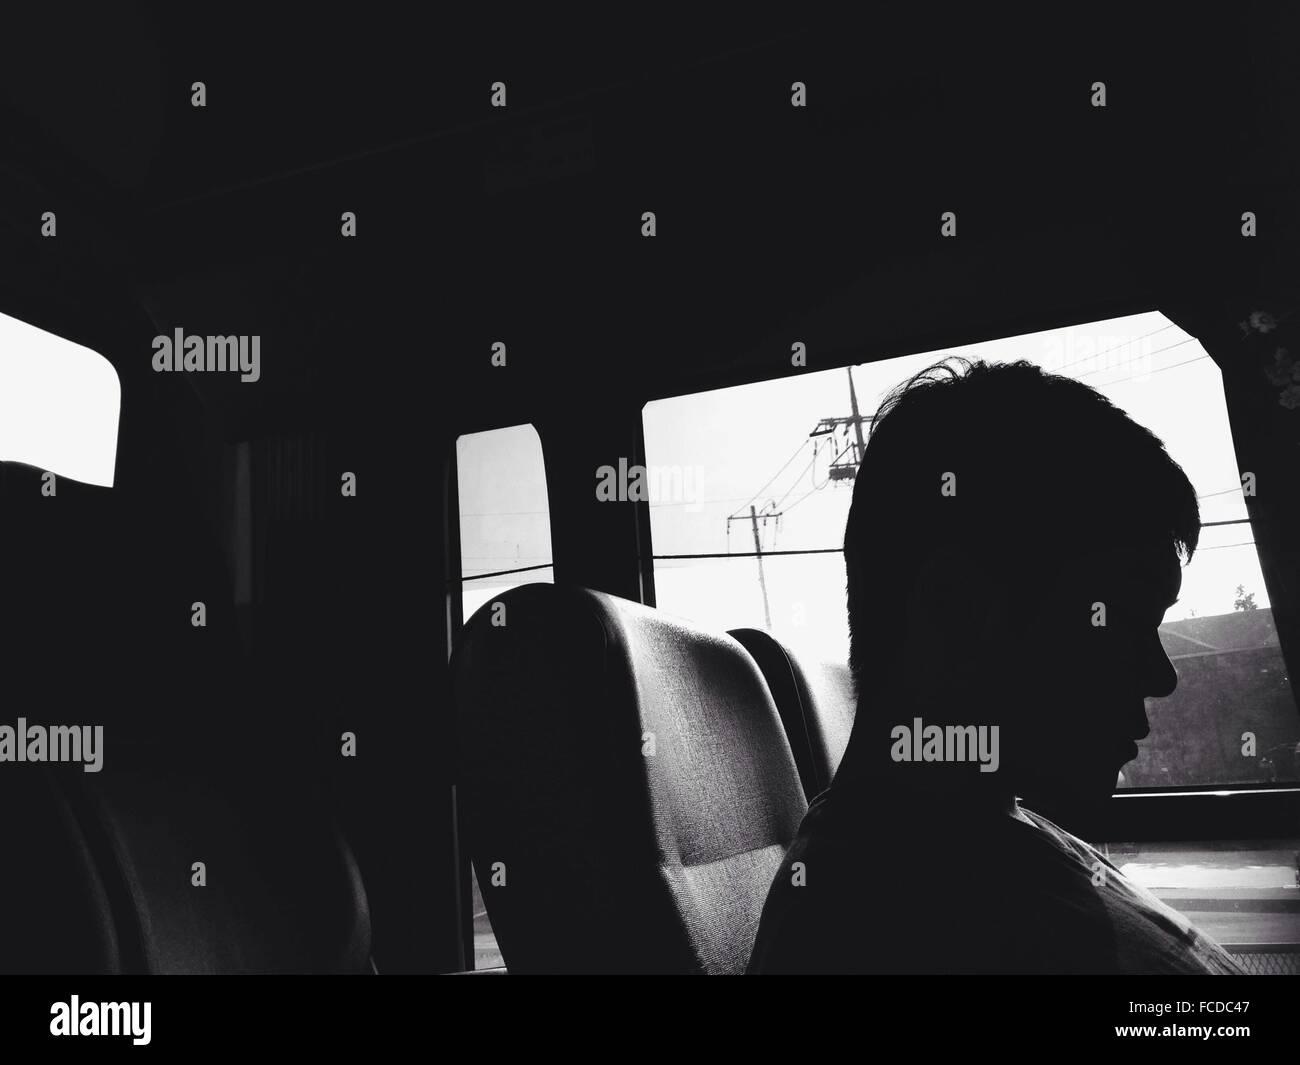 Silhouette di uomo seduto all'interno dell'auto Immagini Stock